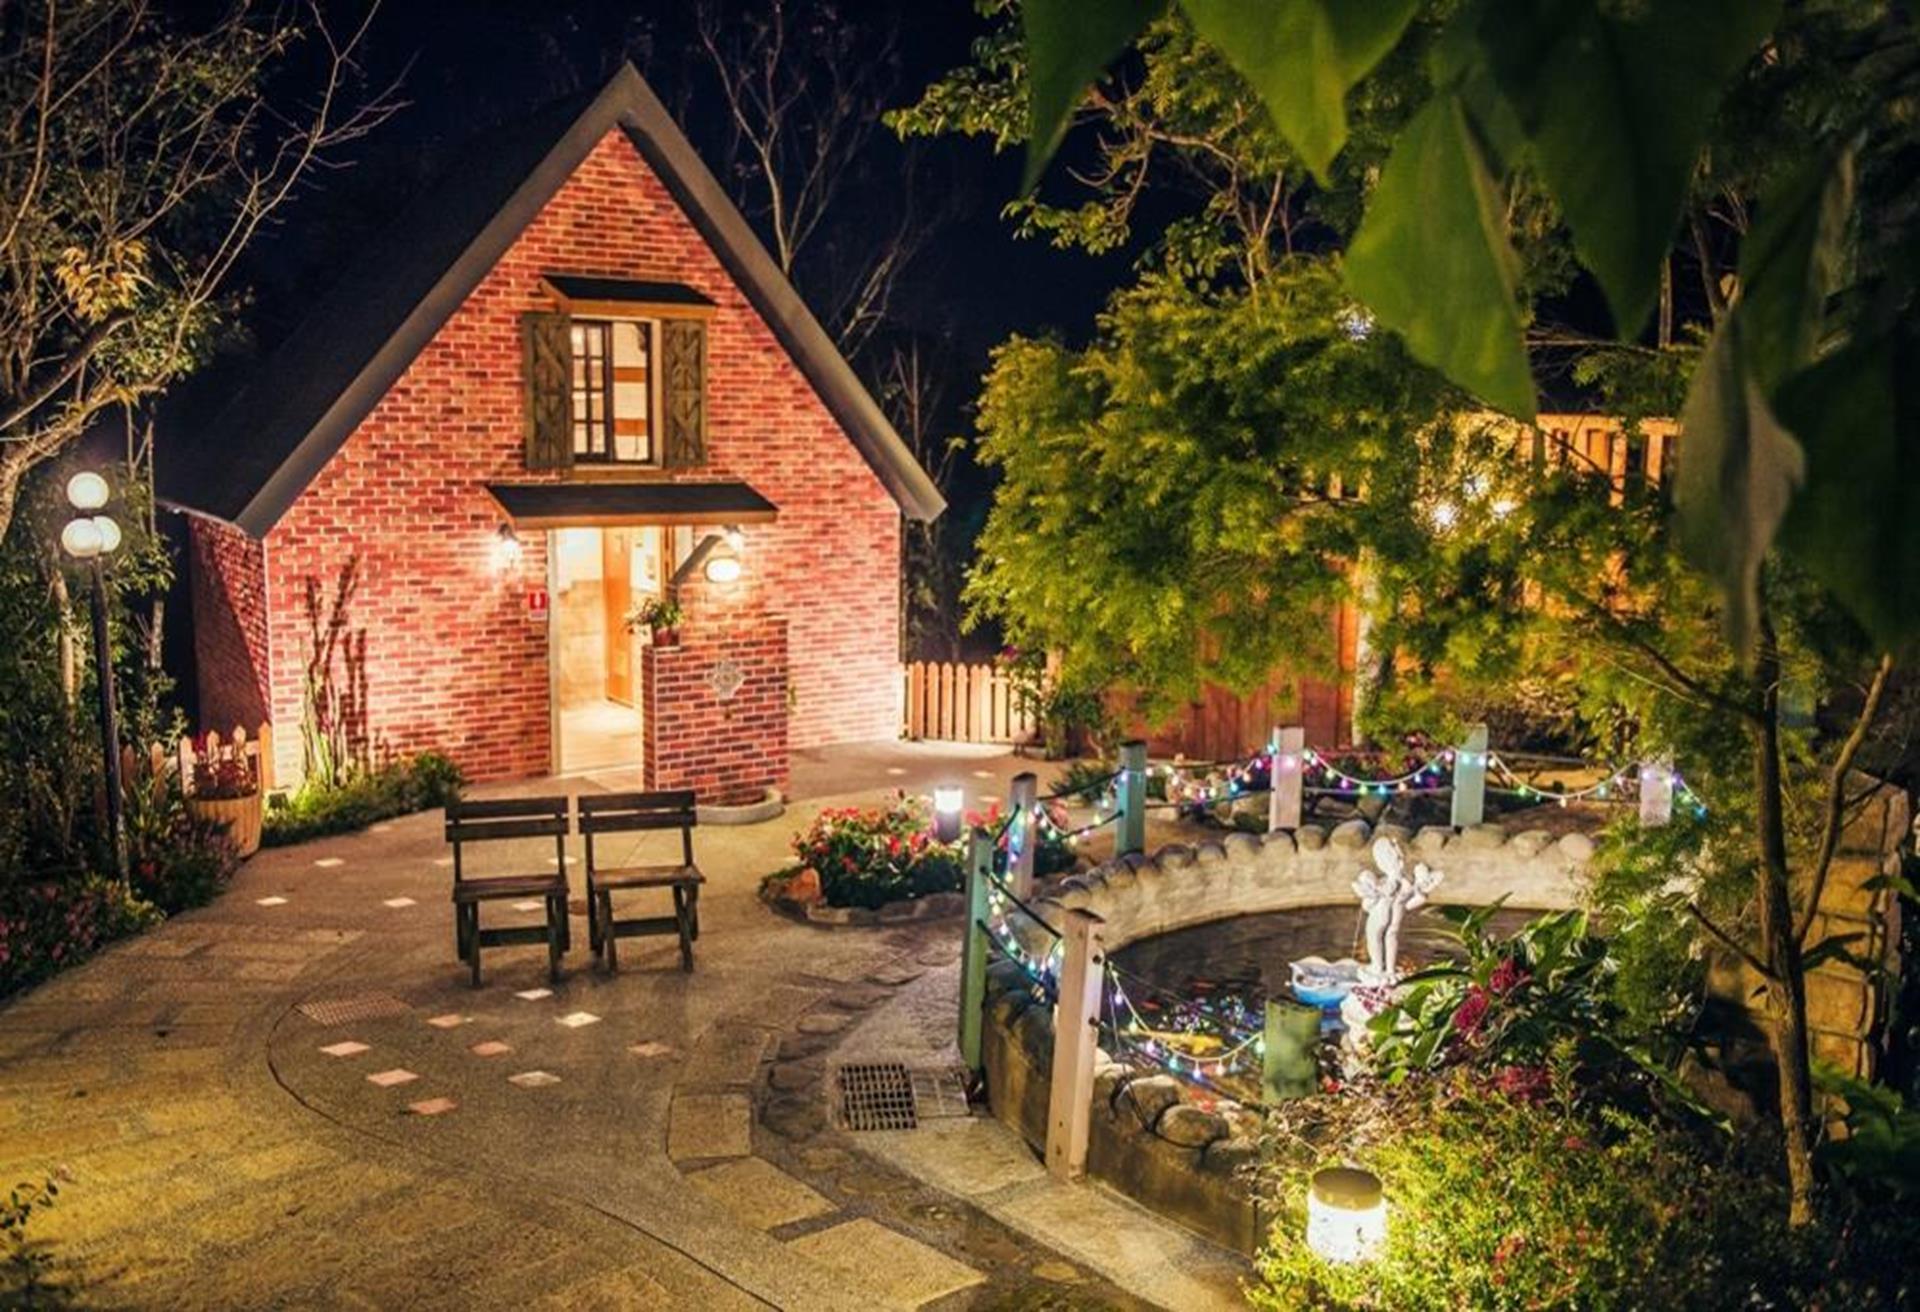 苗栗南庄飯店住宿推薦 - 南庄橄欖樹咖啡民宿處處都是打卡景點